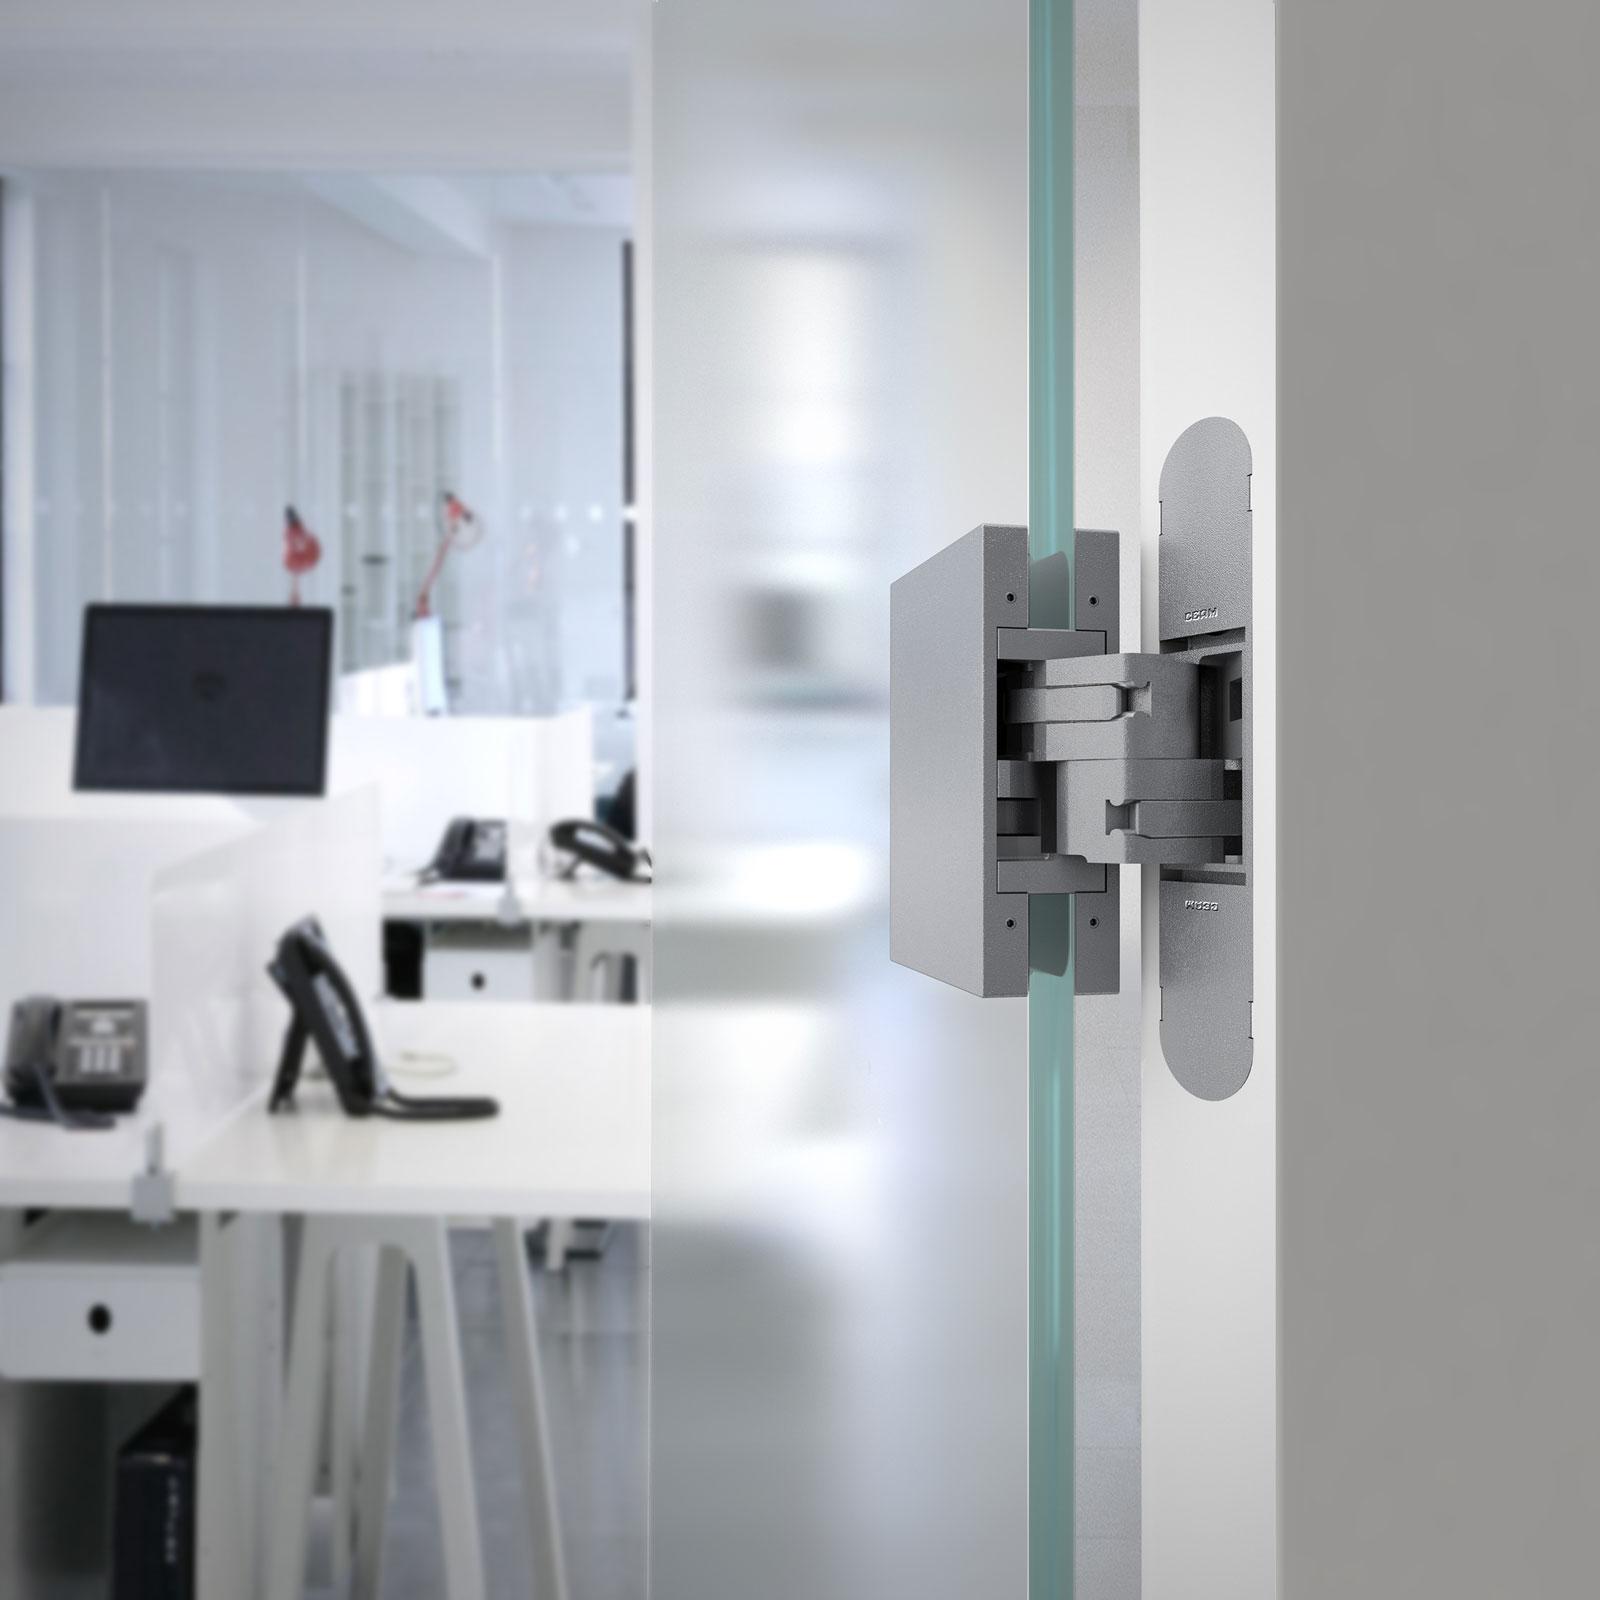 Cerniere Per Ante Di Vetro.Cerniere Per Porte In Vetro Cerniere Regolabili Mod 1080 Glass